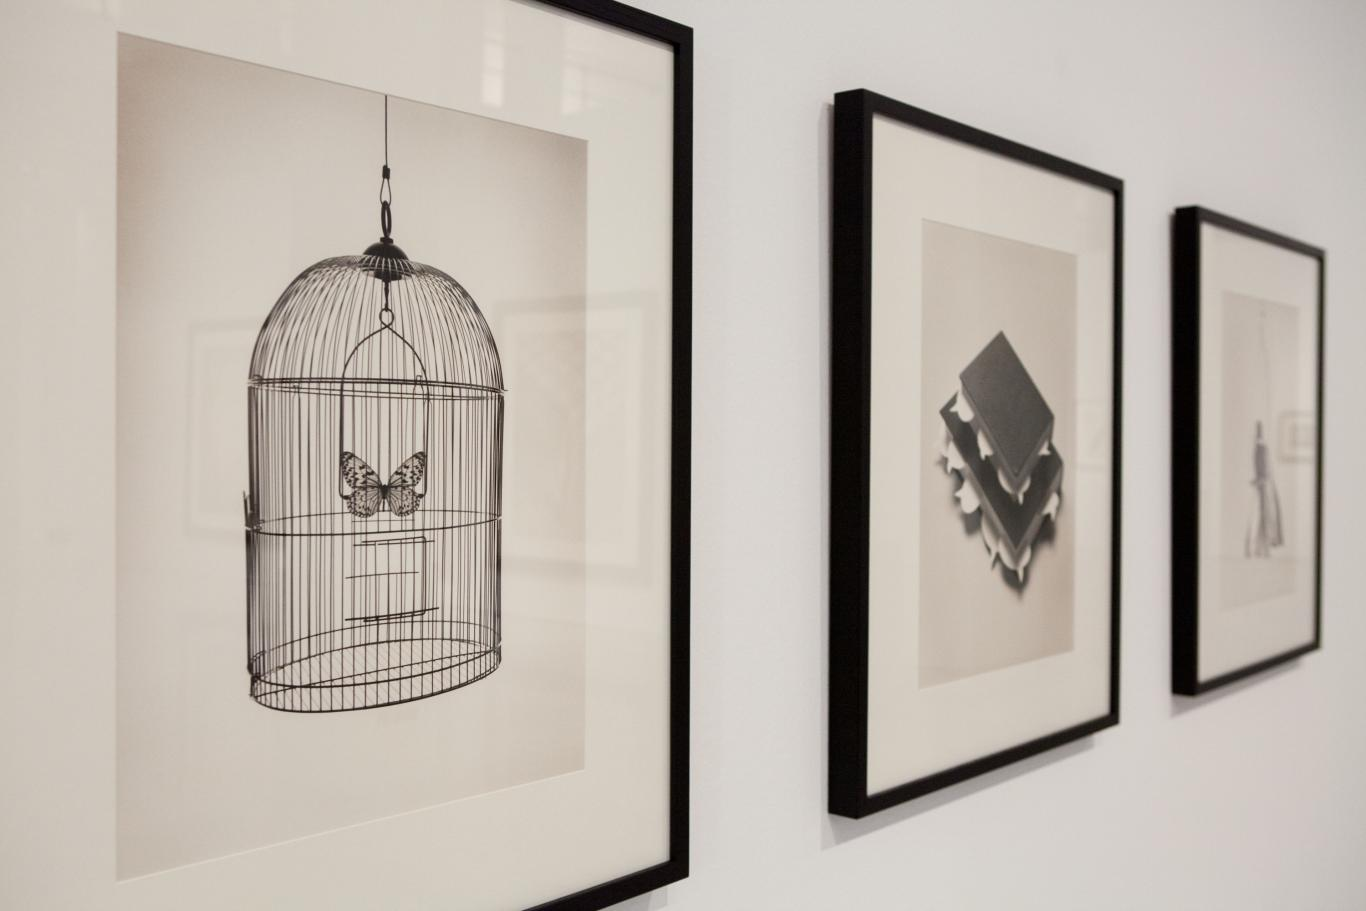 Tres fotos de Chema Madoz en blanco y negro. En la primera, más enfocada, aparece una mariposa enjaulada